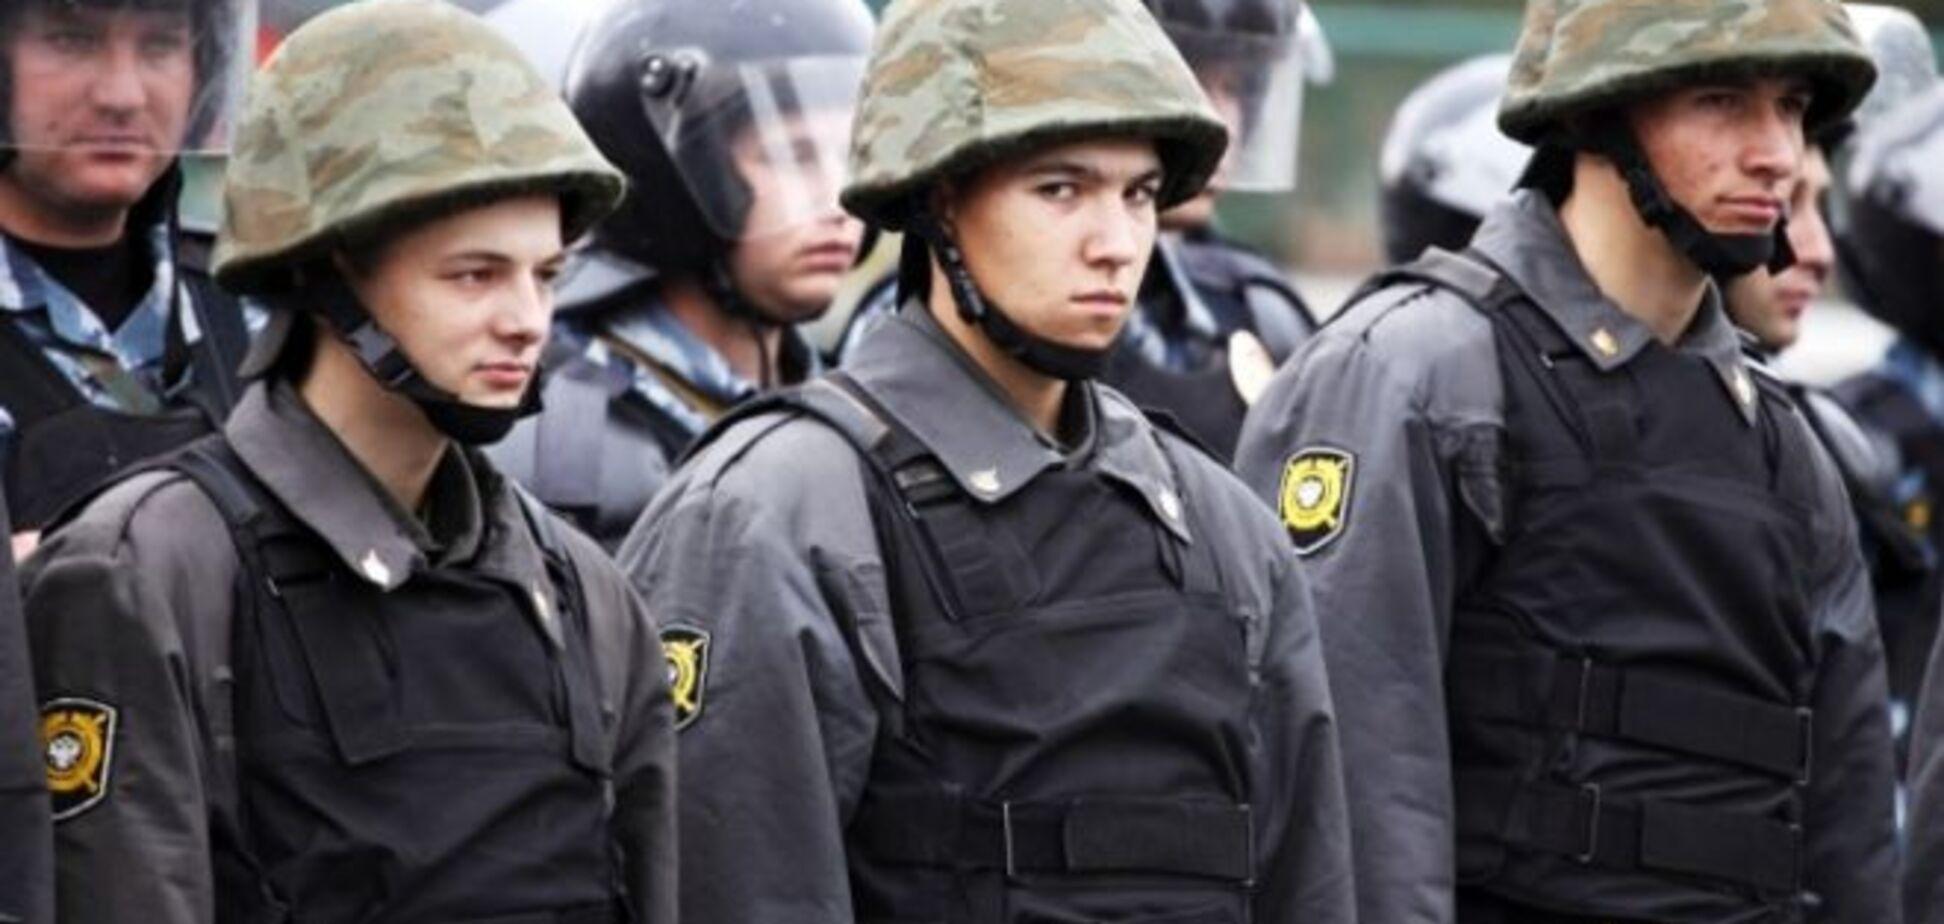 В Москву стягивают колонны внутренних войск: Путин обо**ался или его хотят отправить на покой